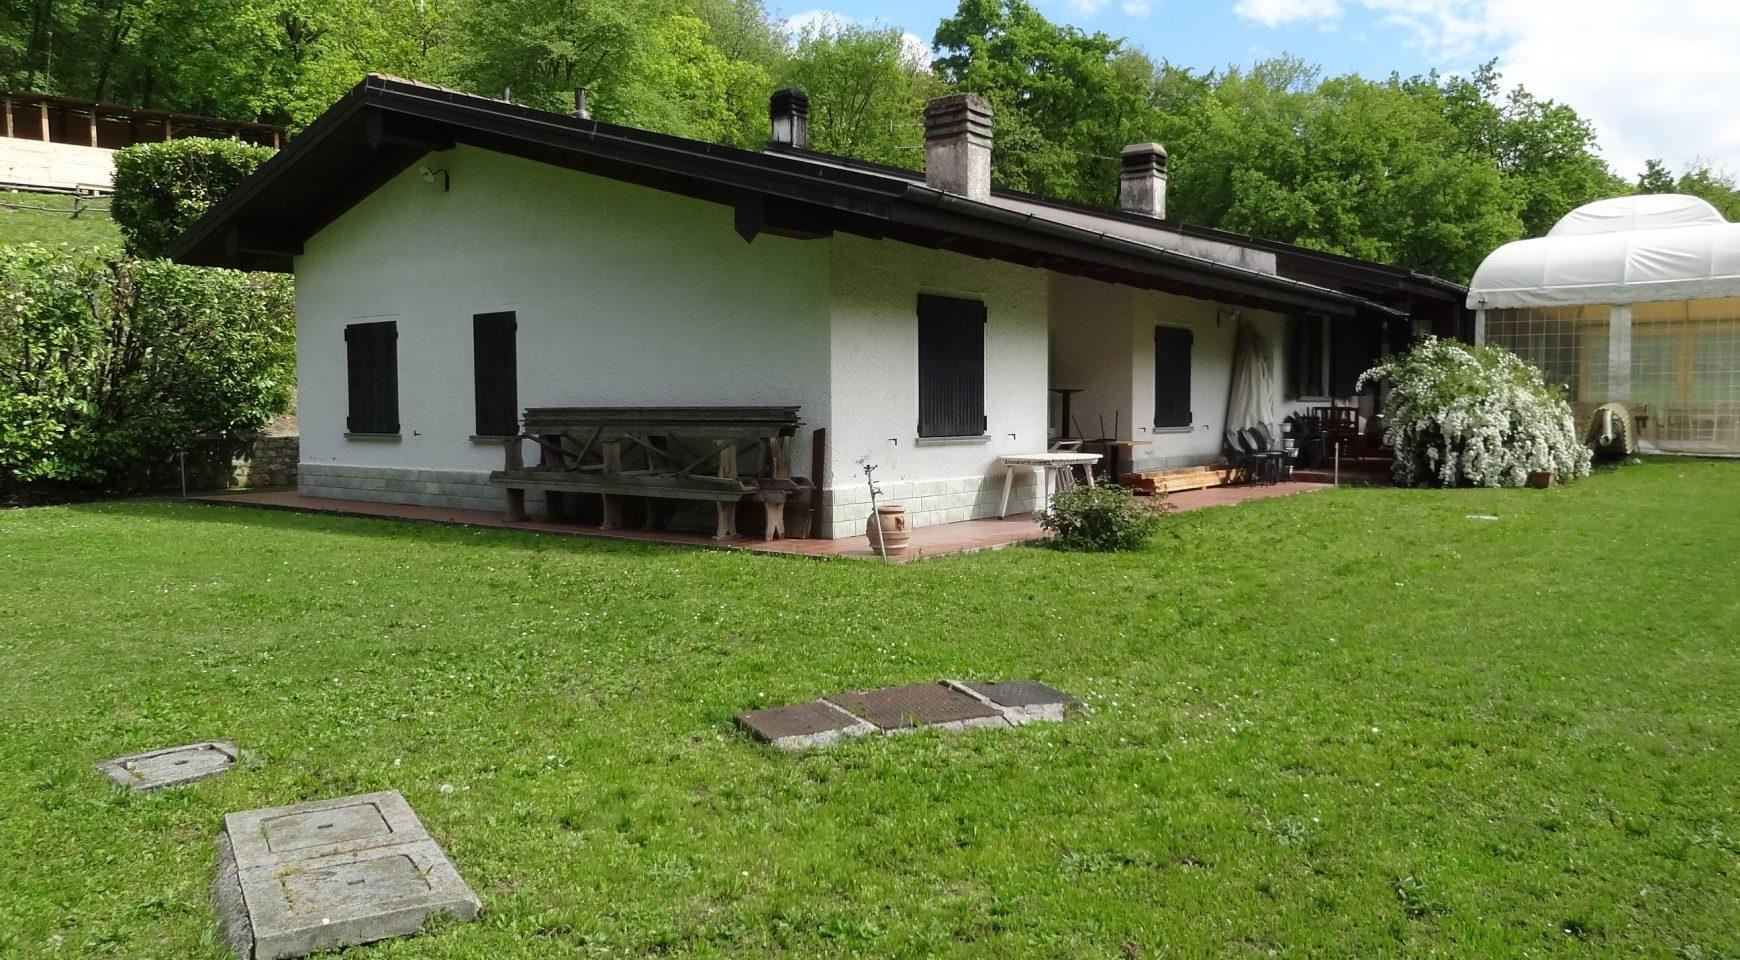 Villa rustica gierrecommerciale for Villas rusticas